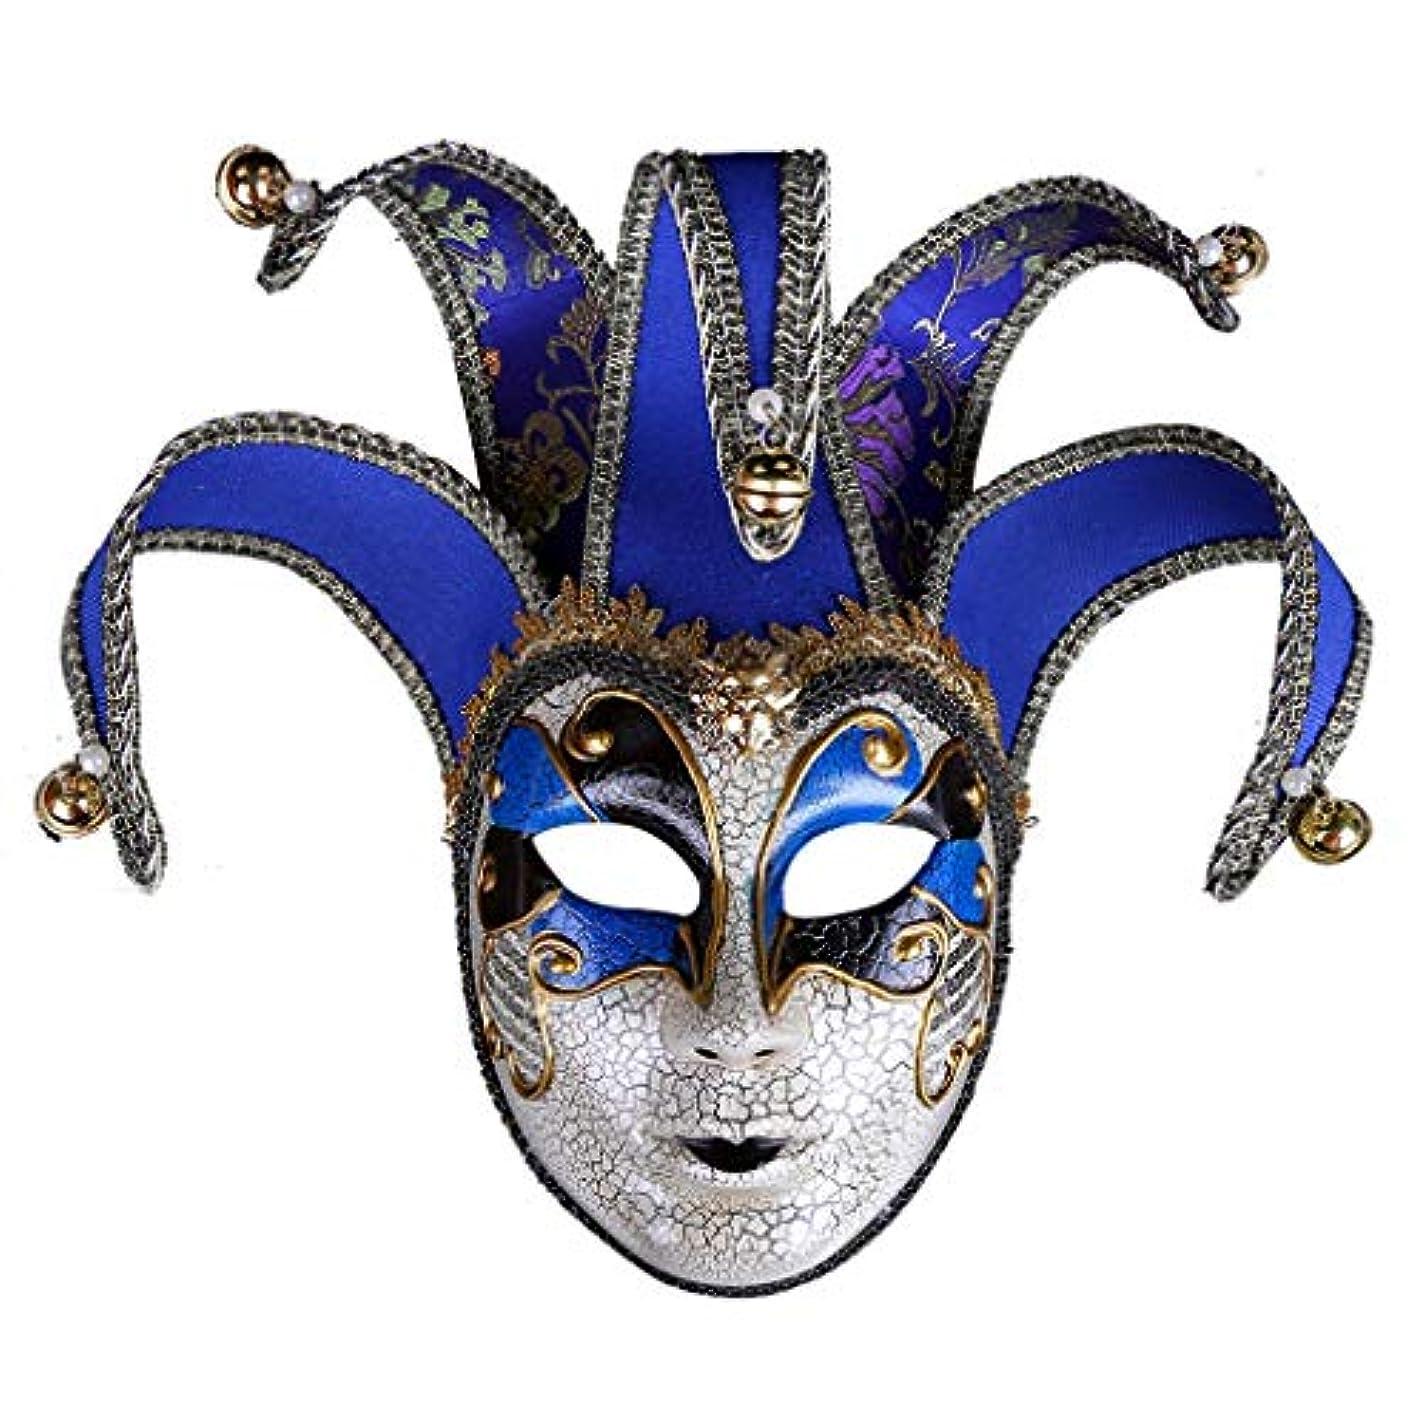 召集するトーストビルダーハロウィンマスクヴィンテージマスク女性のアダルトマスクヴェネツィアフェスティバルプロップフェイスデコレーション仮装クリエイティブマスク (Color : BLUE)